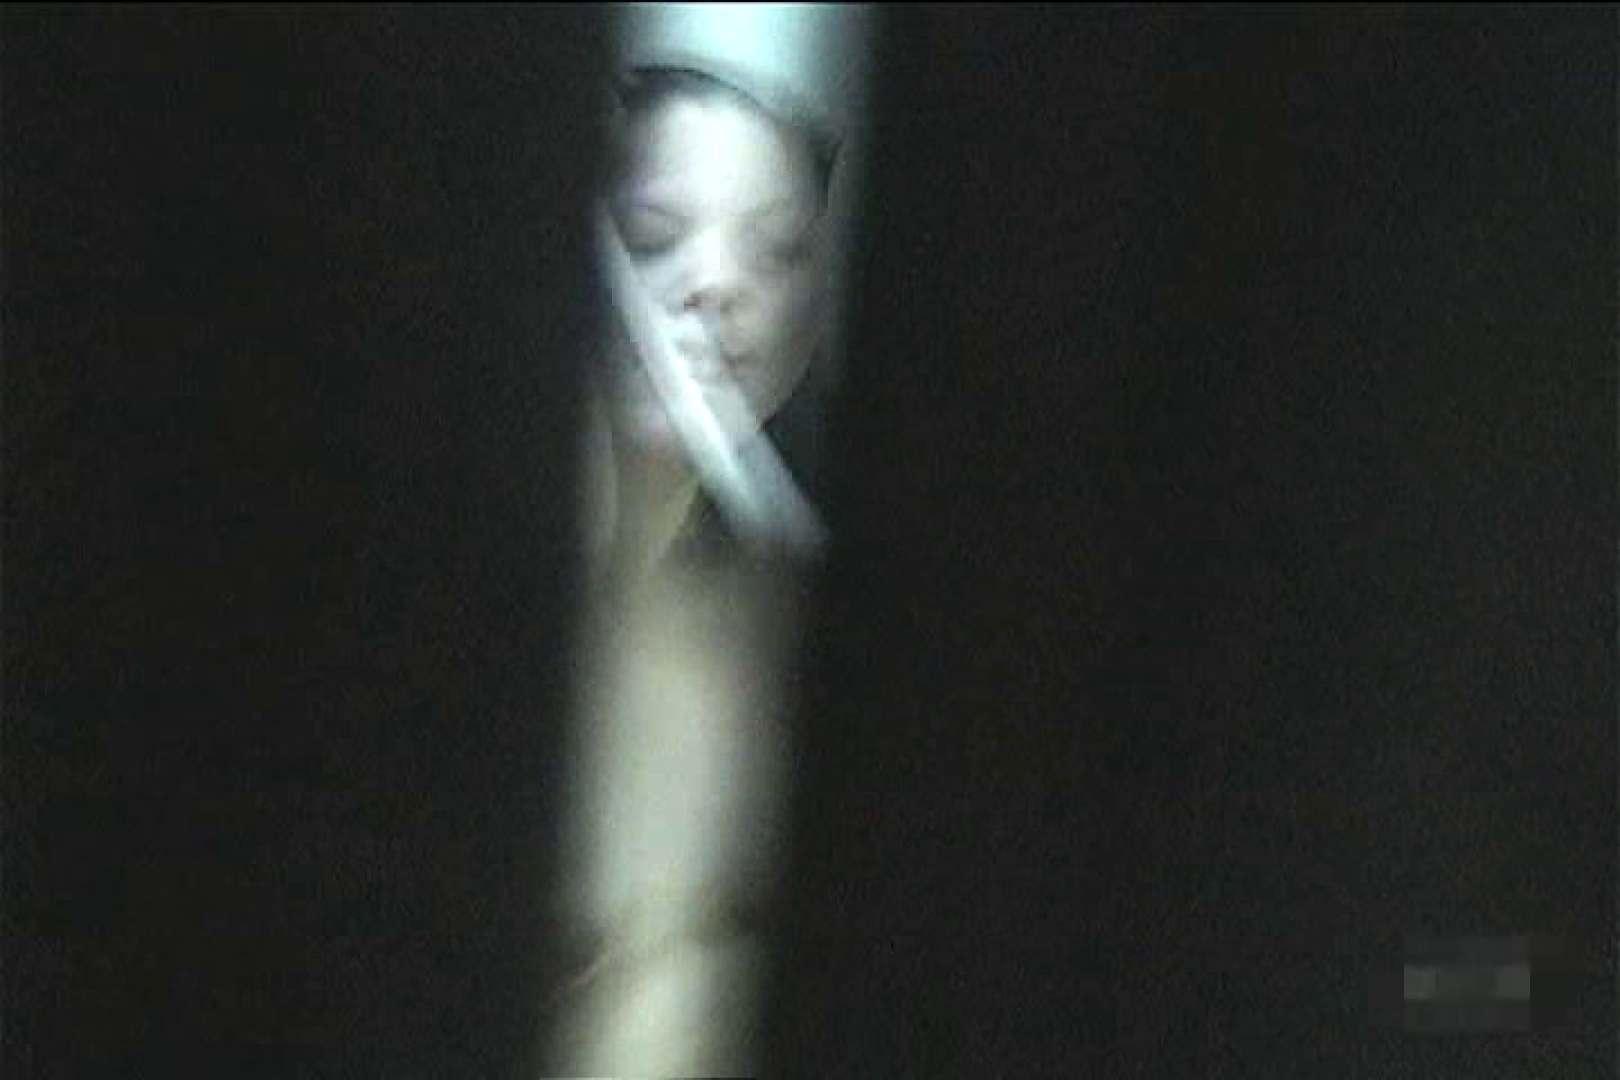 激撮ストーカー記録あなたのお宅拝見しますVol.11 シャワー オマンコ動画キャプチャ 106PICs 79